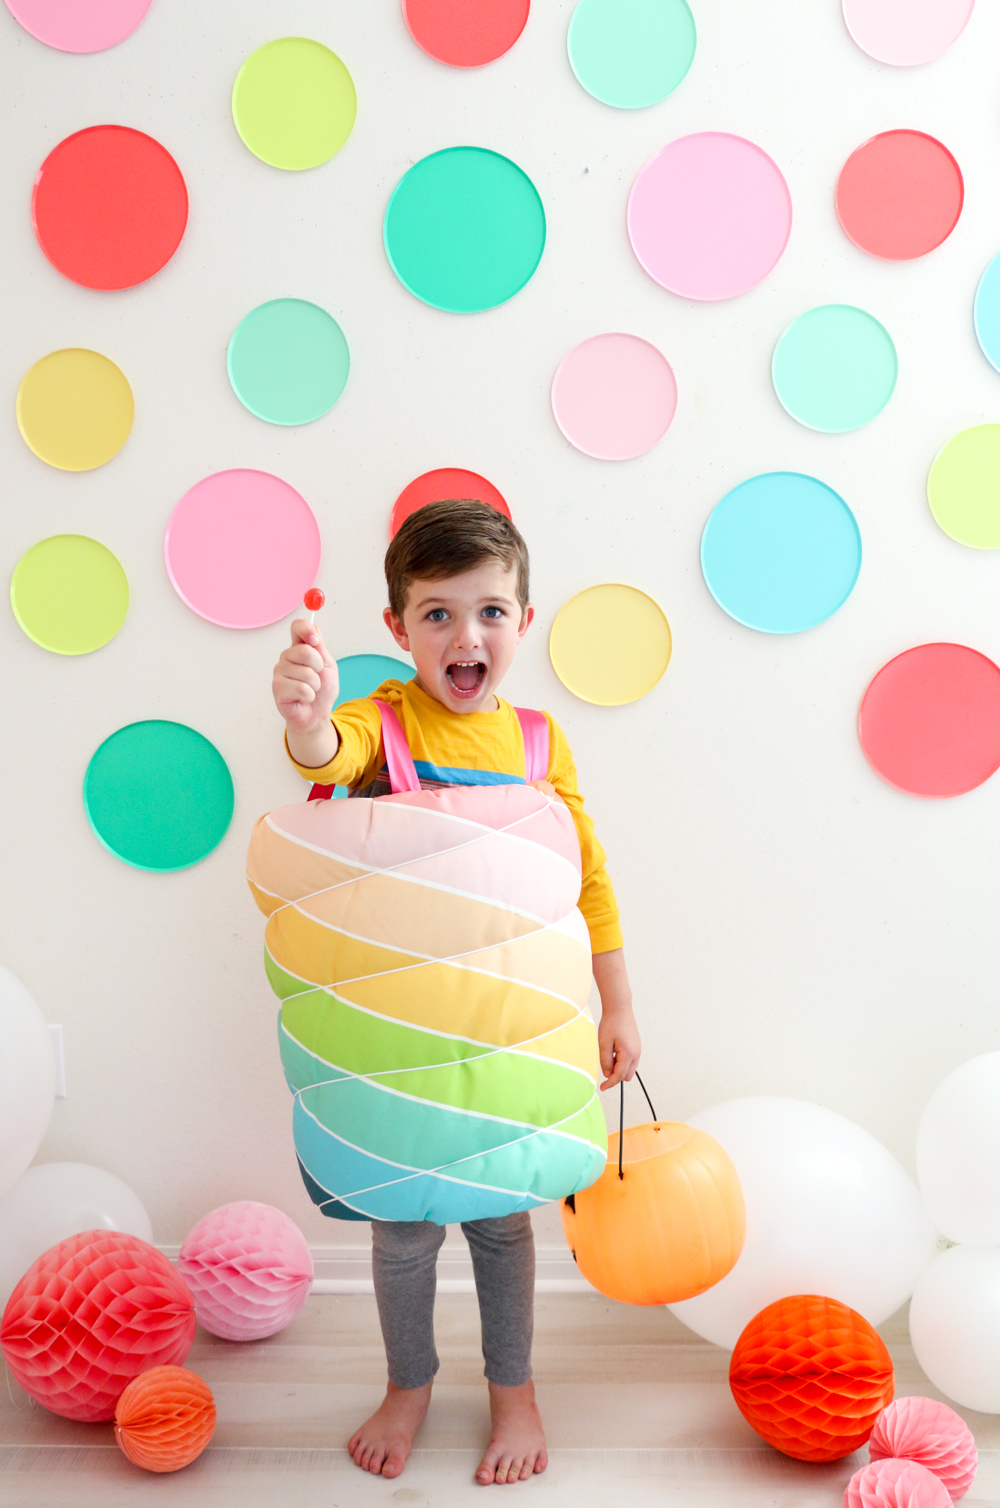 DIY-Anleitung (ohne Nähen) Faschingskostüm für Kinder: Regenbogen-Lolli